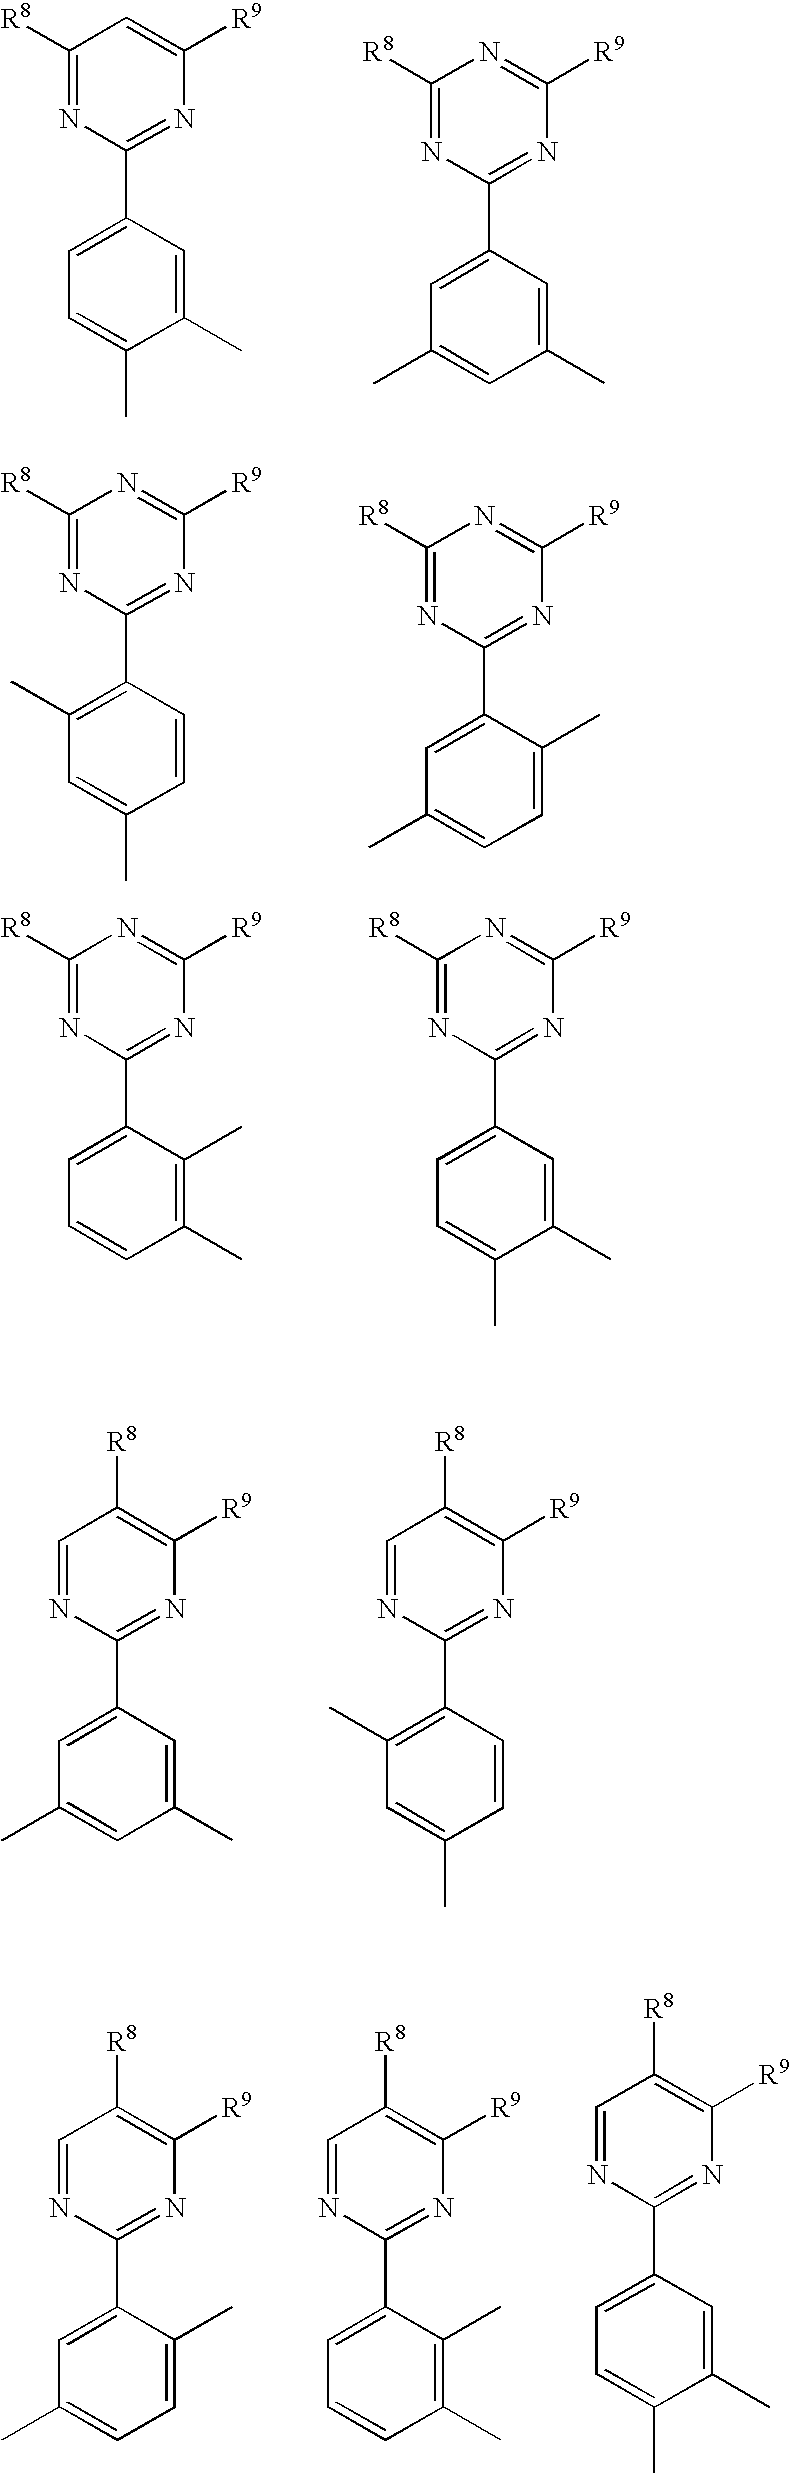 Figure US20100171109A1-20100708-C00113